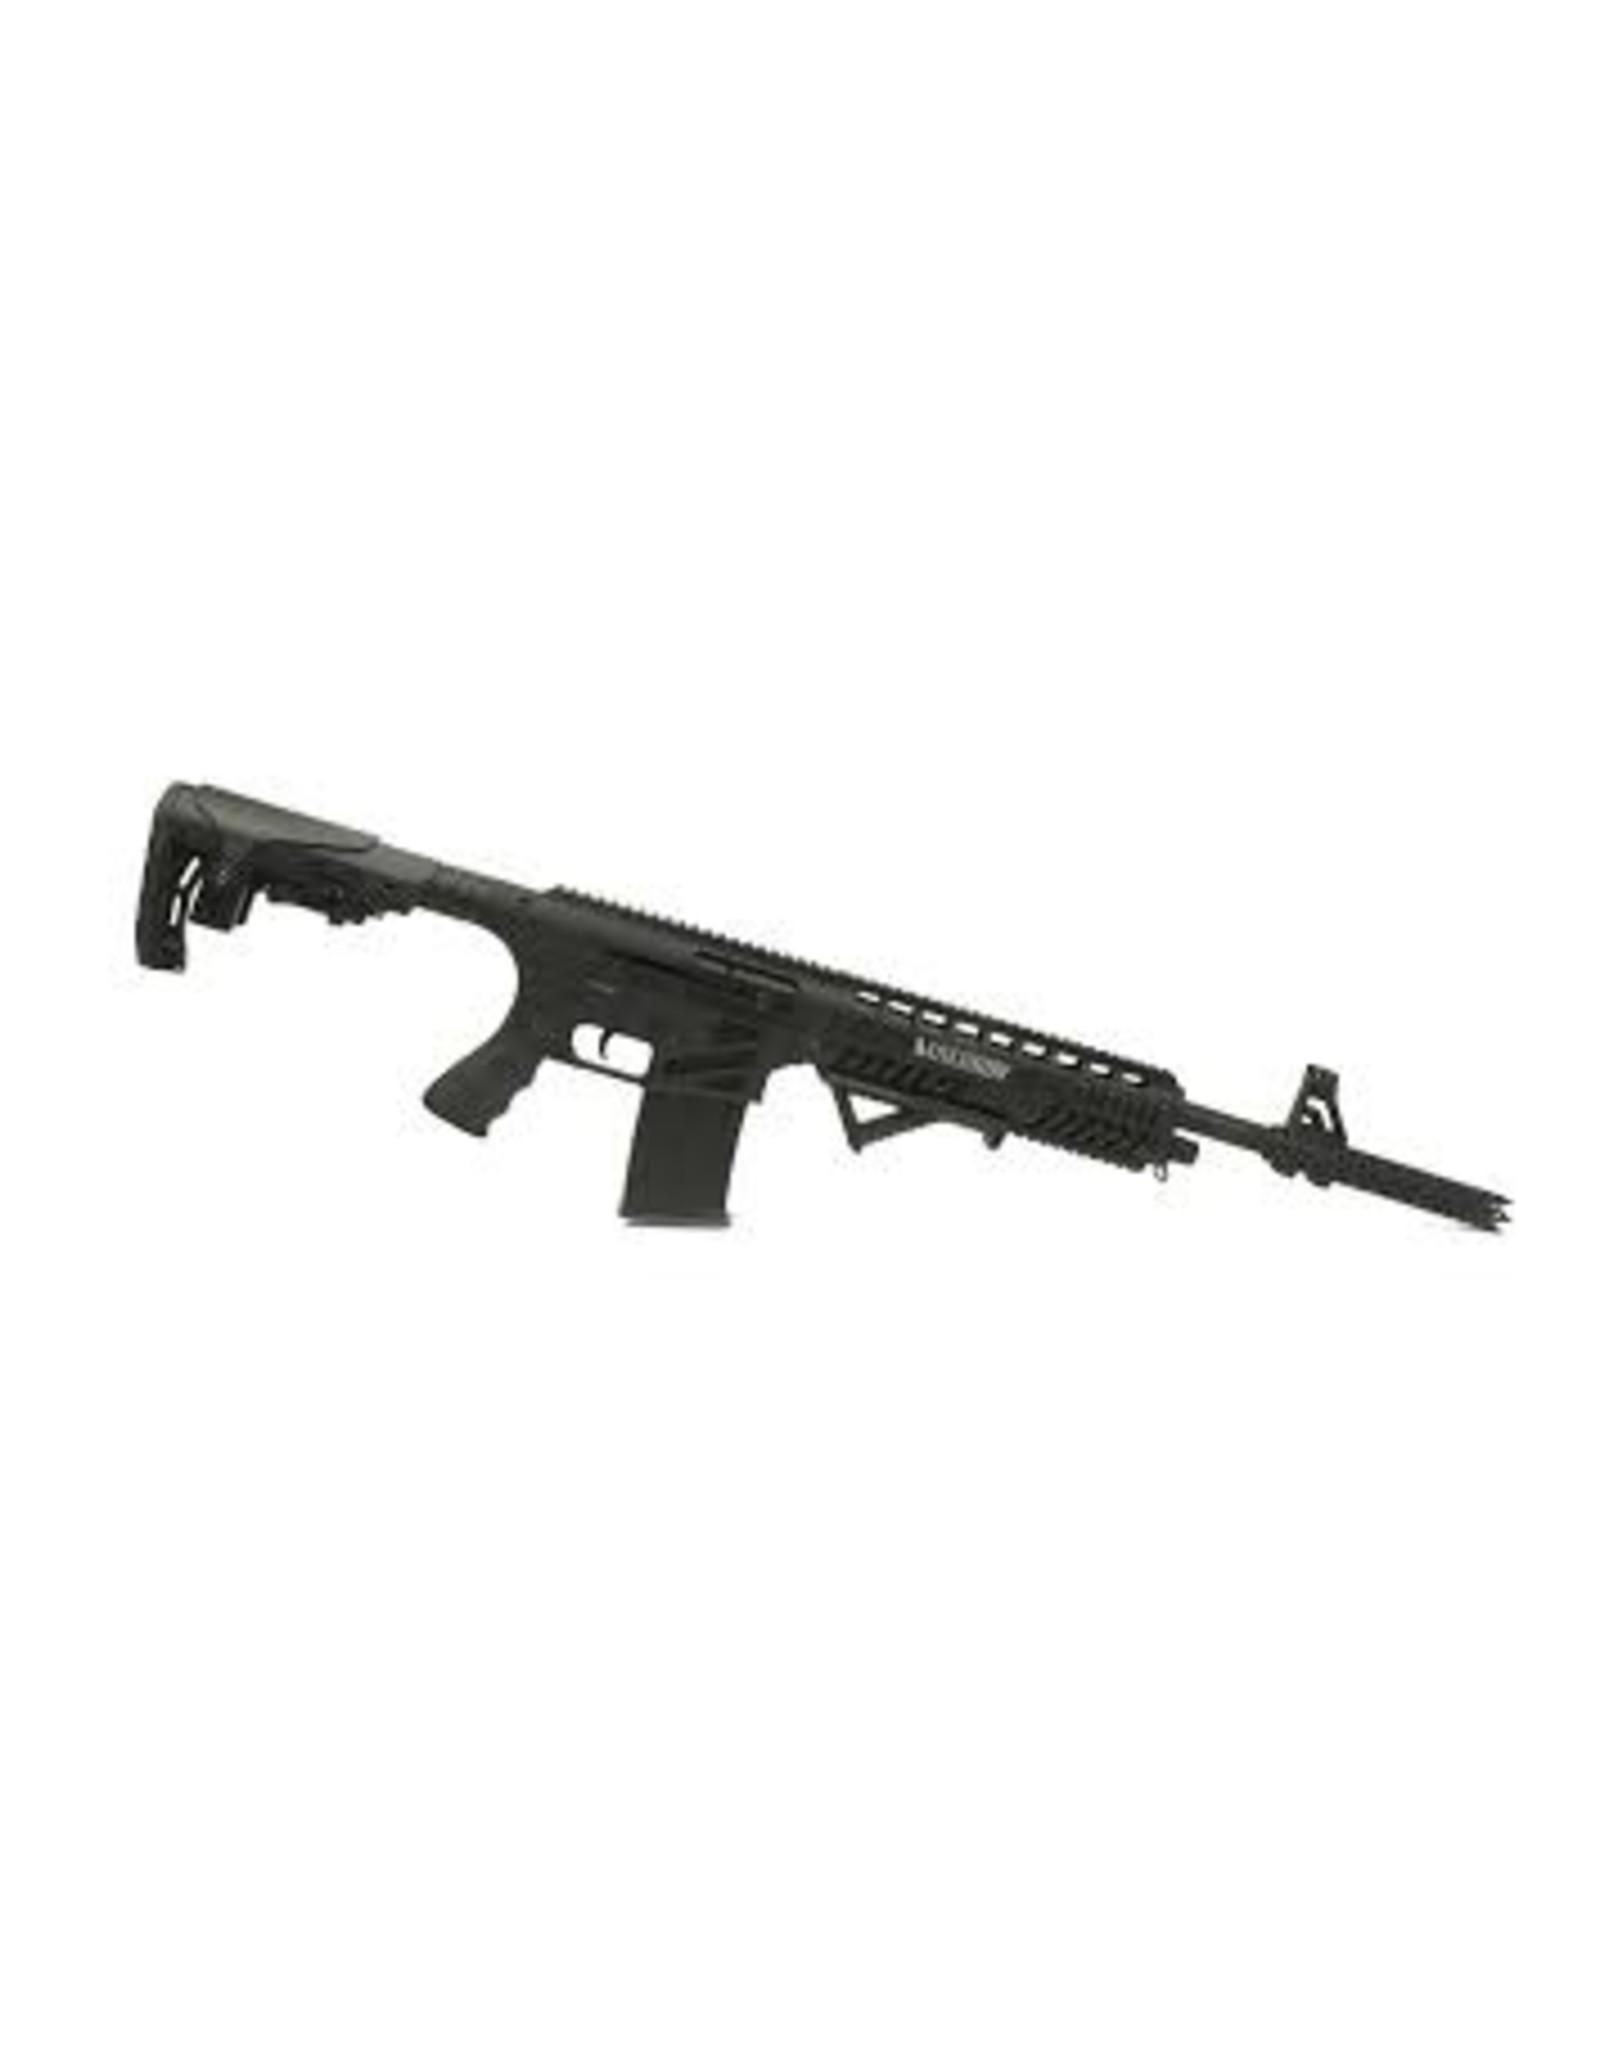 Balikli Balikli Makarov Turkey Shotgun Semi-Auto S12 12GA Black